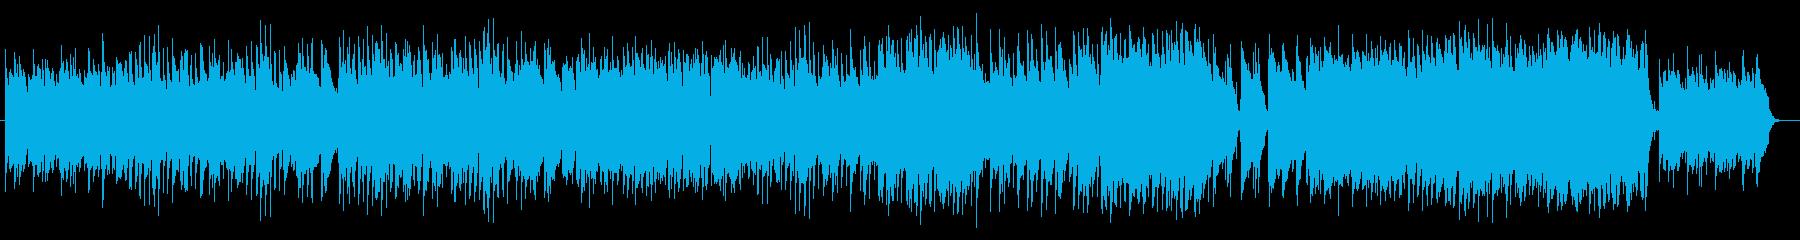 長閑で楽しいミュージックの再生済みの波形